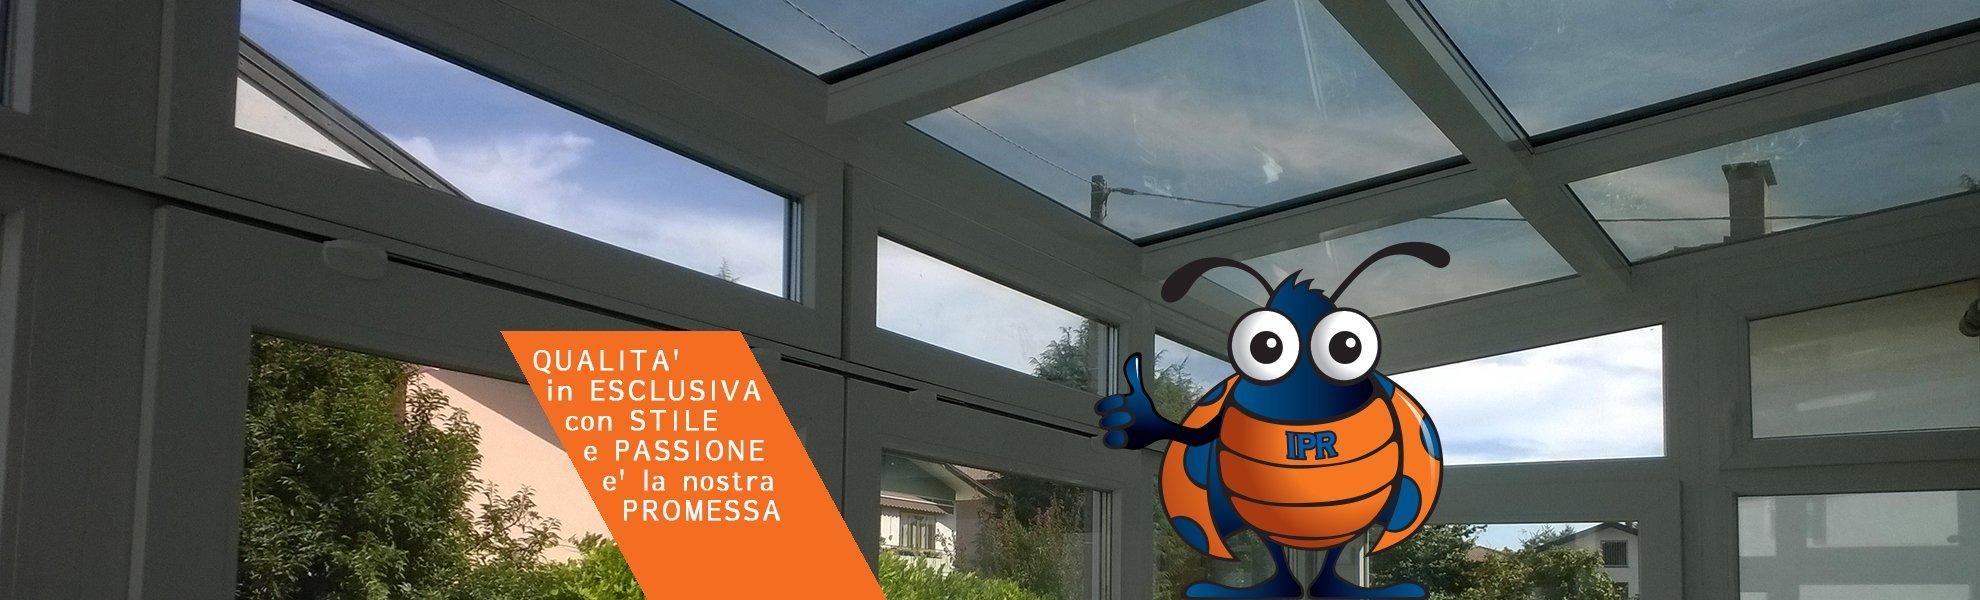 soffitto in vetro con titolo diapositiva